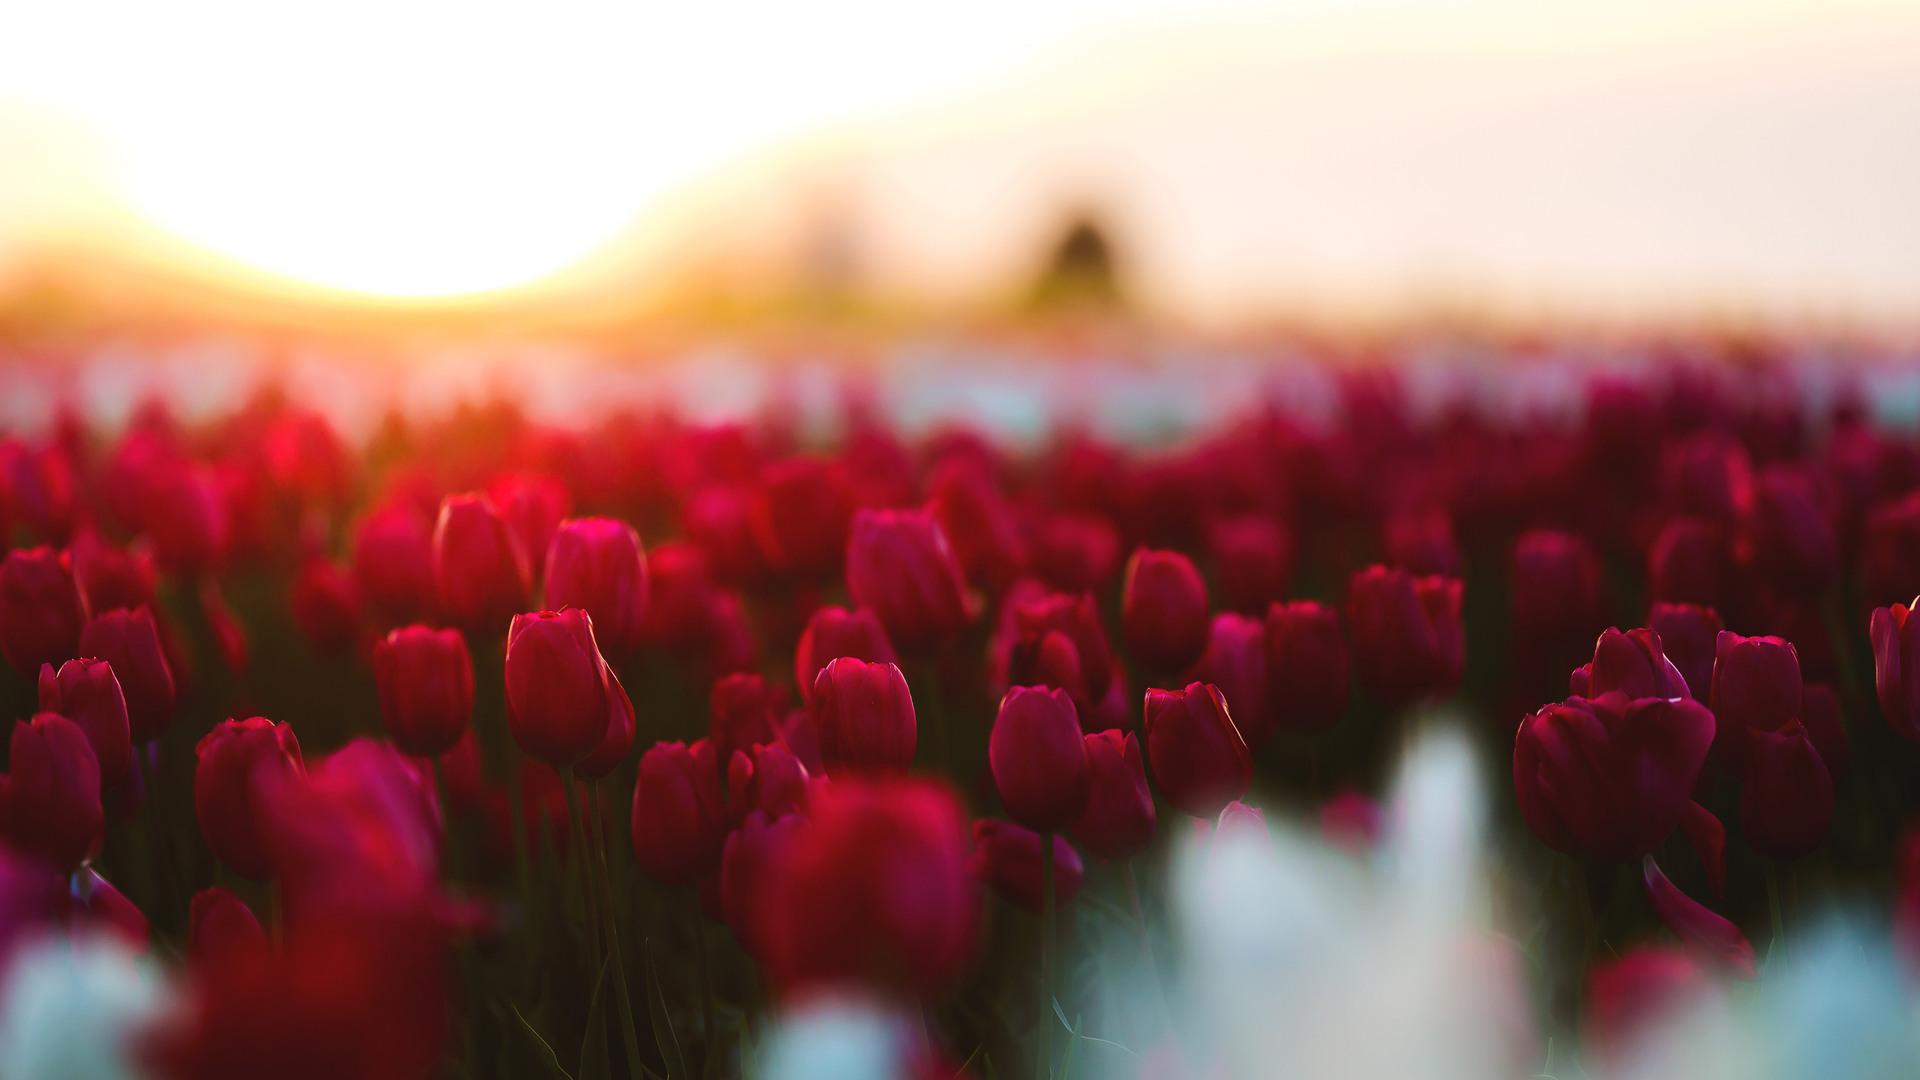 tulips-flowers-field-e2.jpg